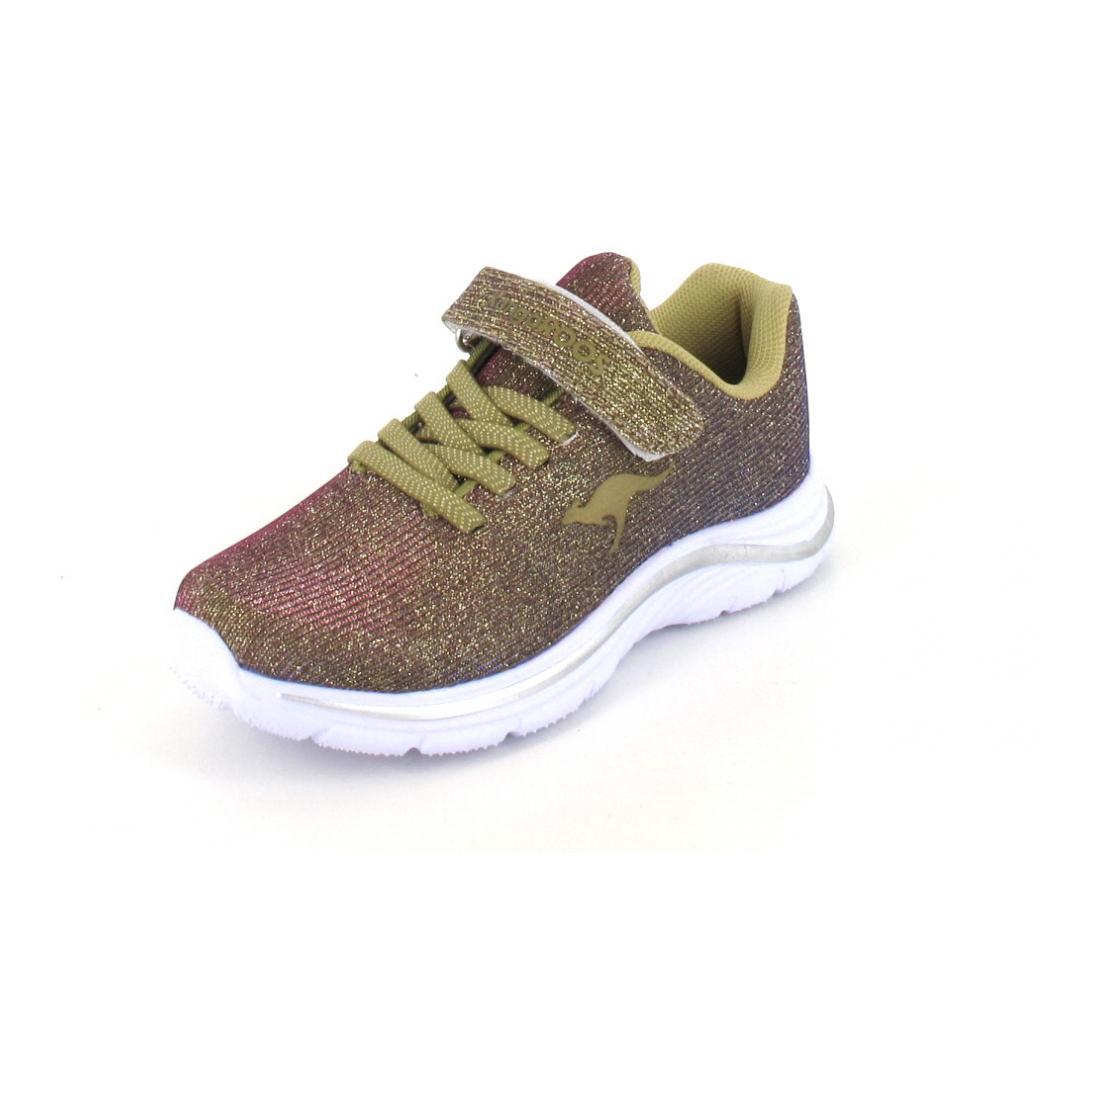 KangaRoos Sneaker Kangashine